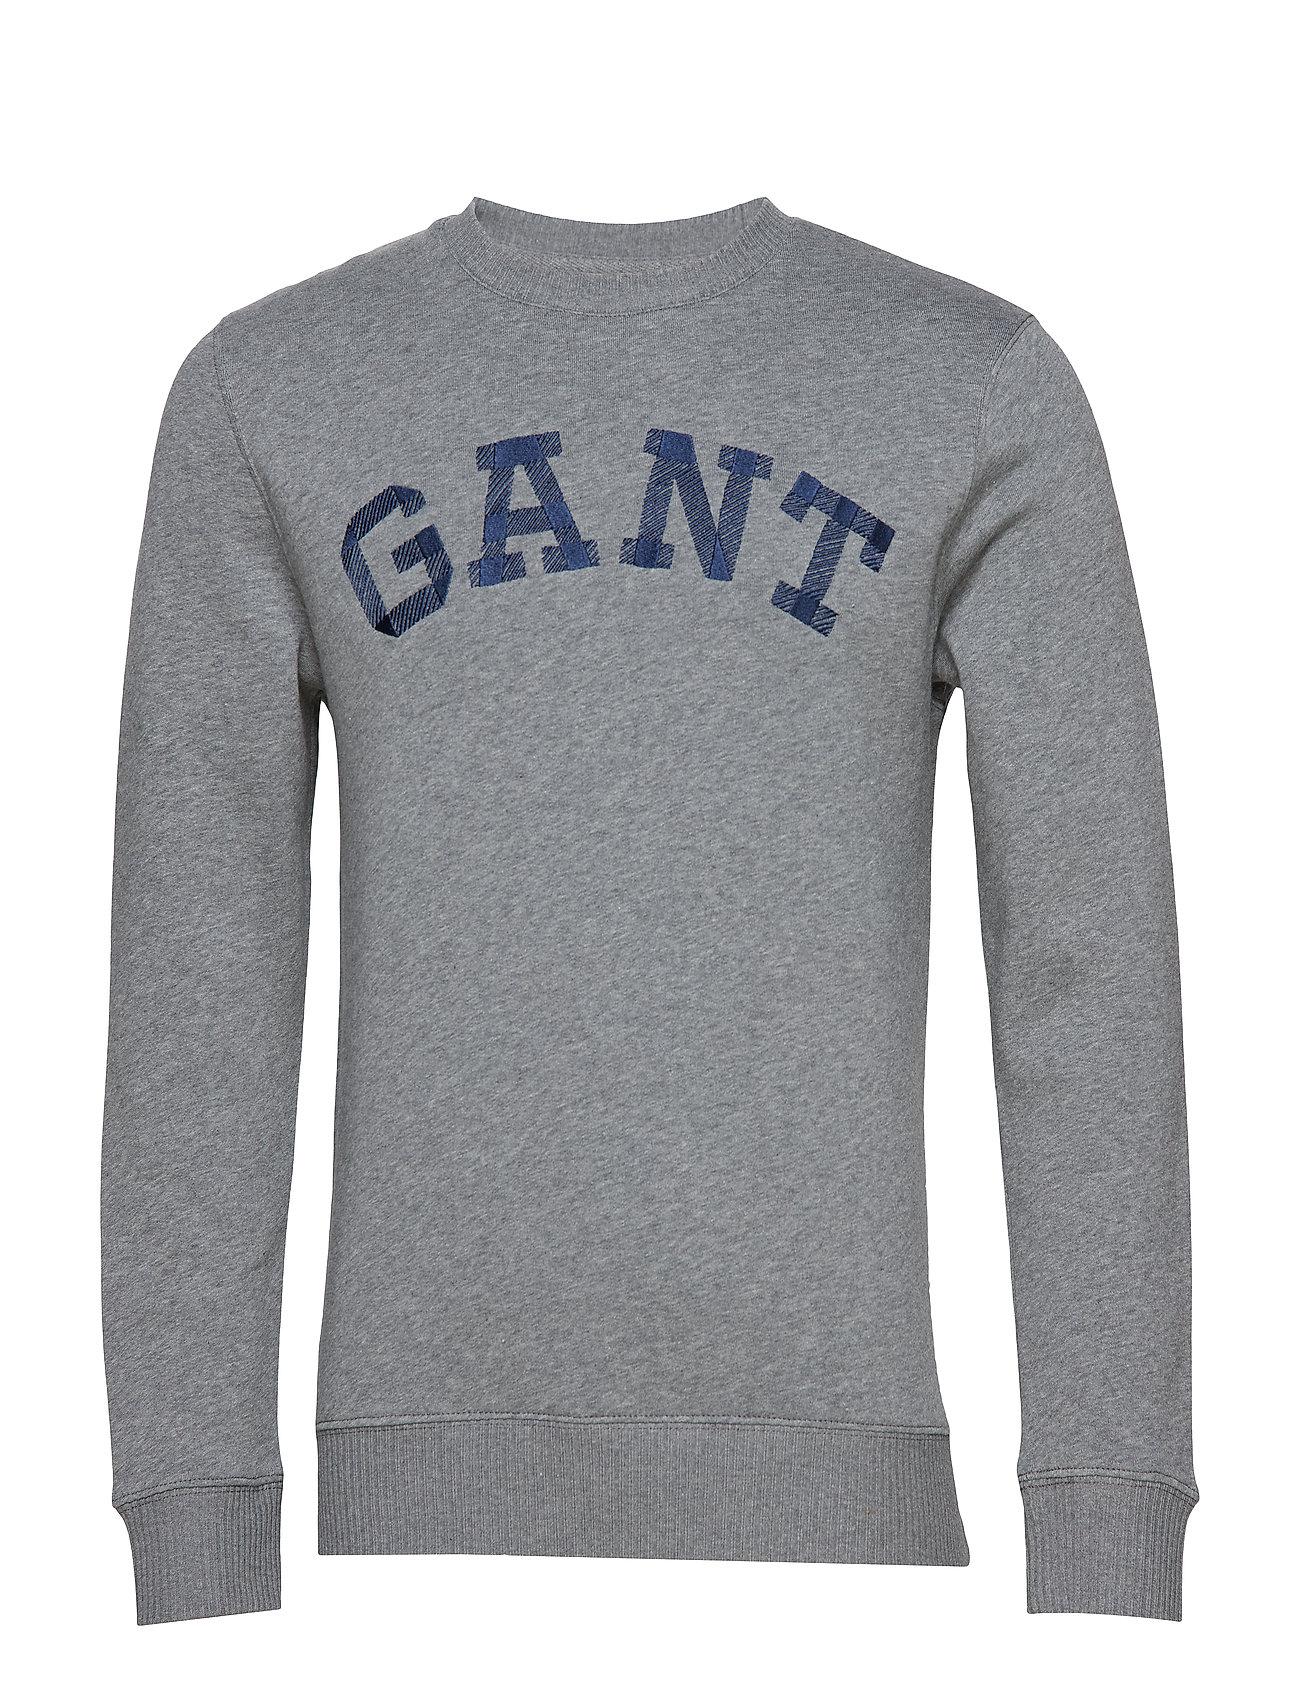 GANT O2. Contrast Backside C-Neck Sweat Strickpullover Rundhals Grau GANT